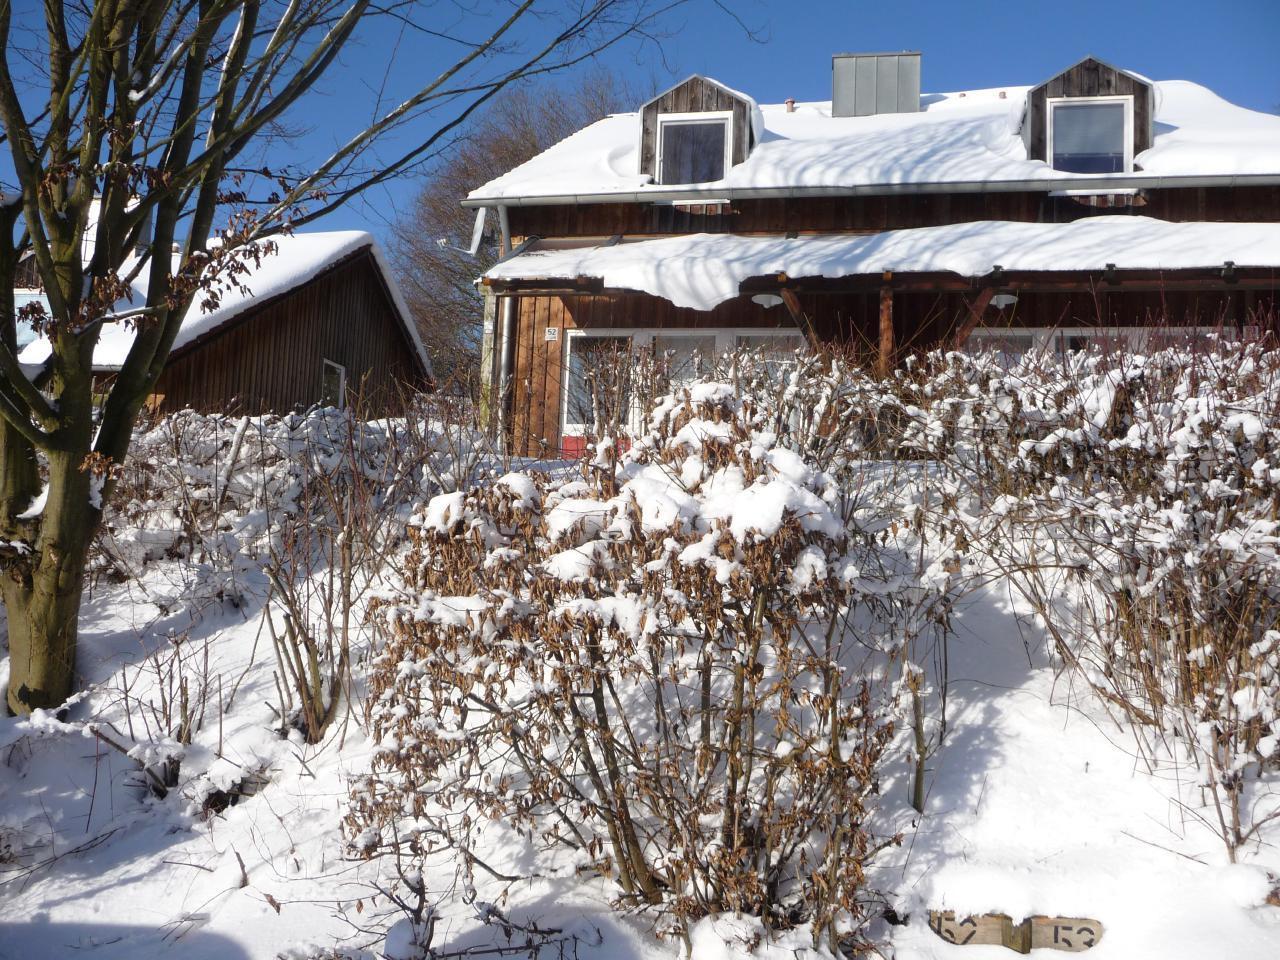 Ferienhaus Bärbel am Schlossberg; jetzt incl. Heizung, Strom, Wasser, Müll, WLAN und 2. Fernseher* (402830), Zandt, Bayerischer Wald, Bayern, Deutschland, Bild 15